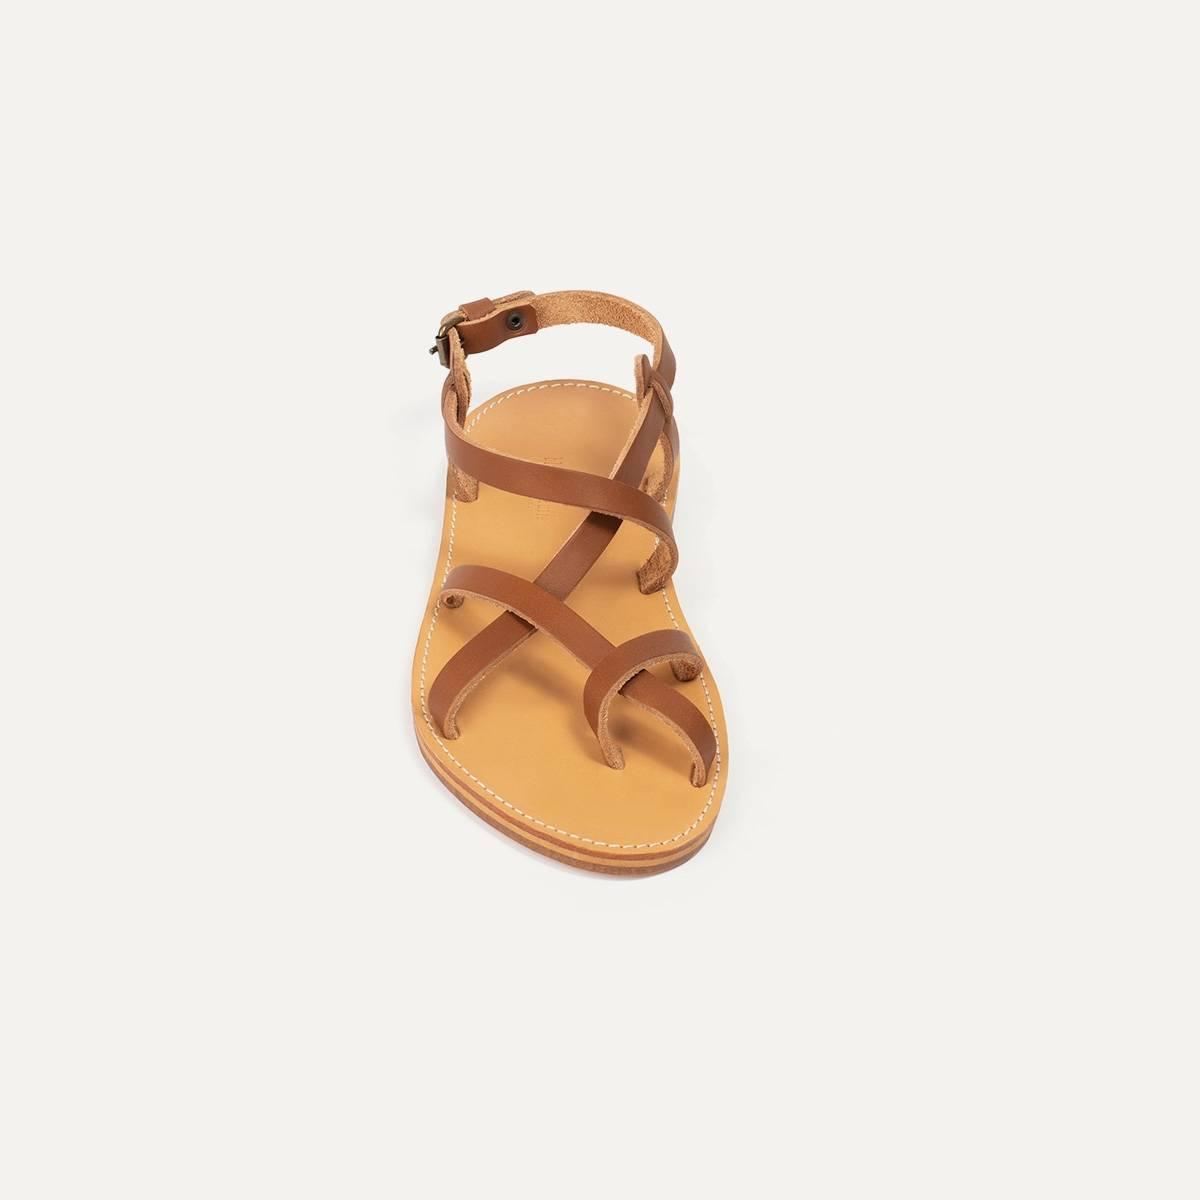 Sandales cuir Nara - Pain Brûlé (image n°3)